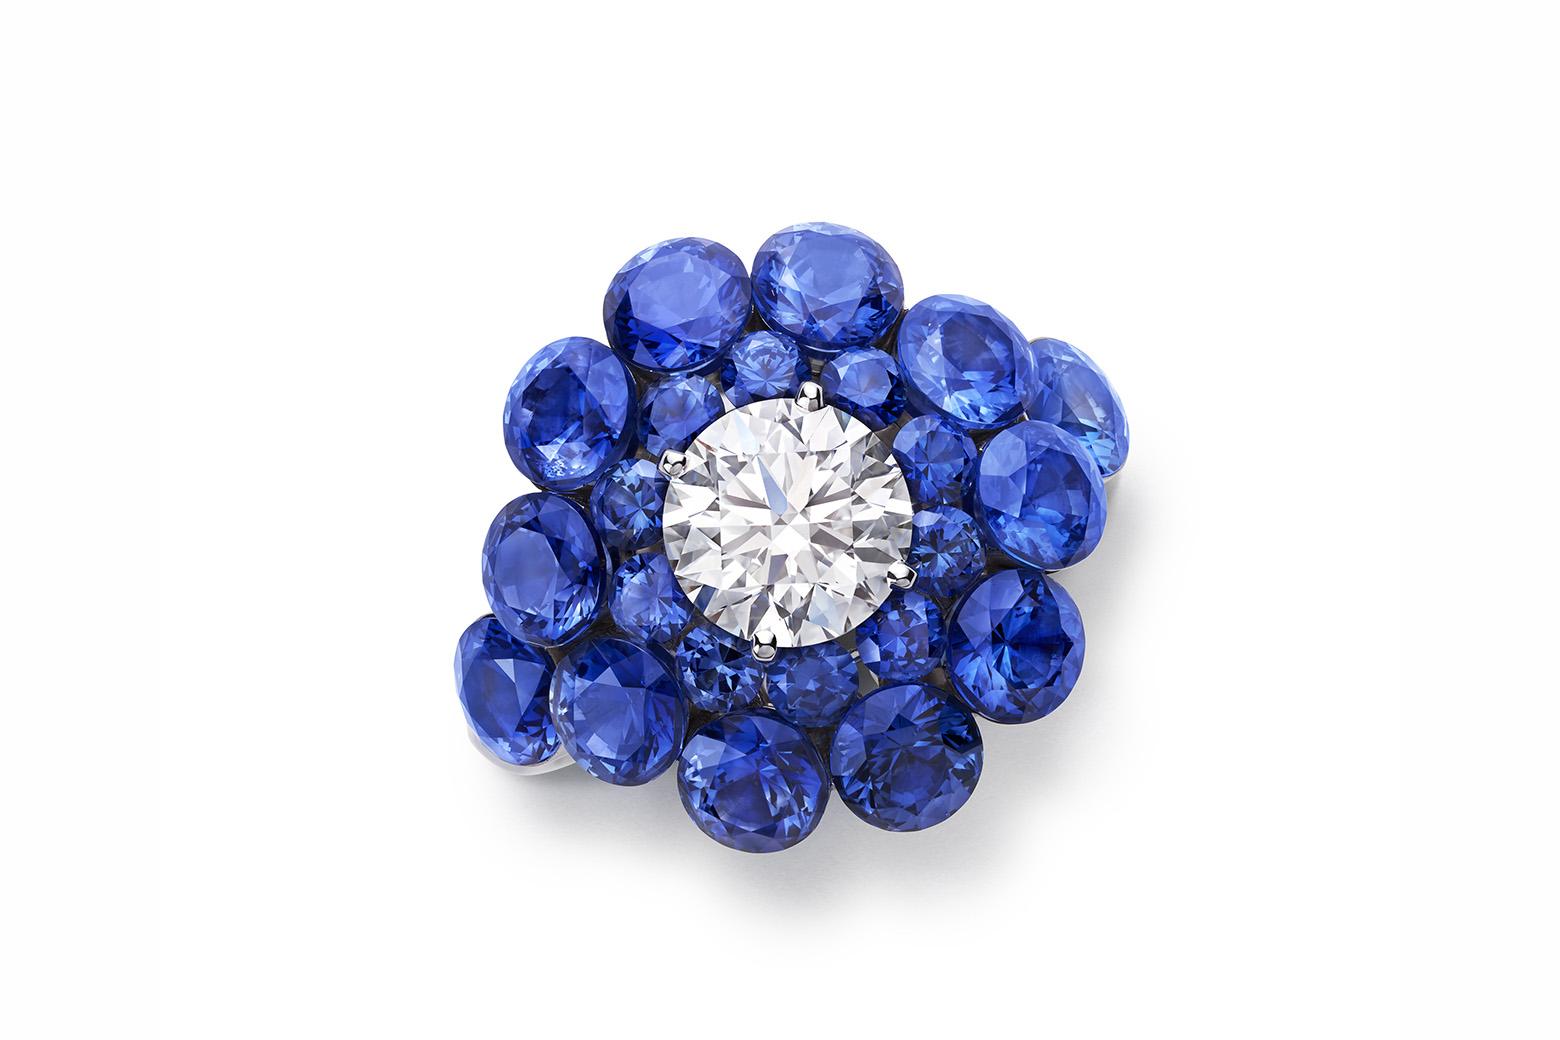 Кольцо Chopard Magic Setting из 18к белого золота с центральным бриллиантом 1.6ct и сапфирами